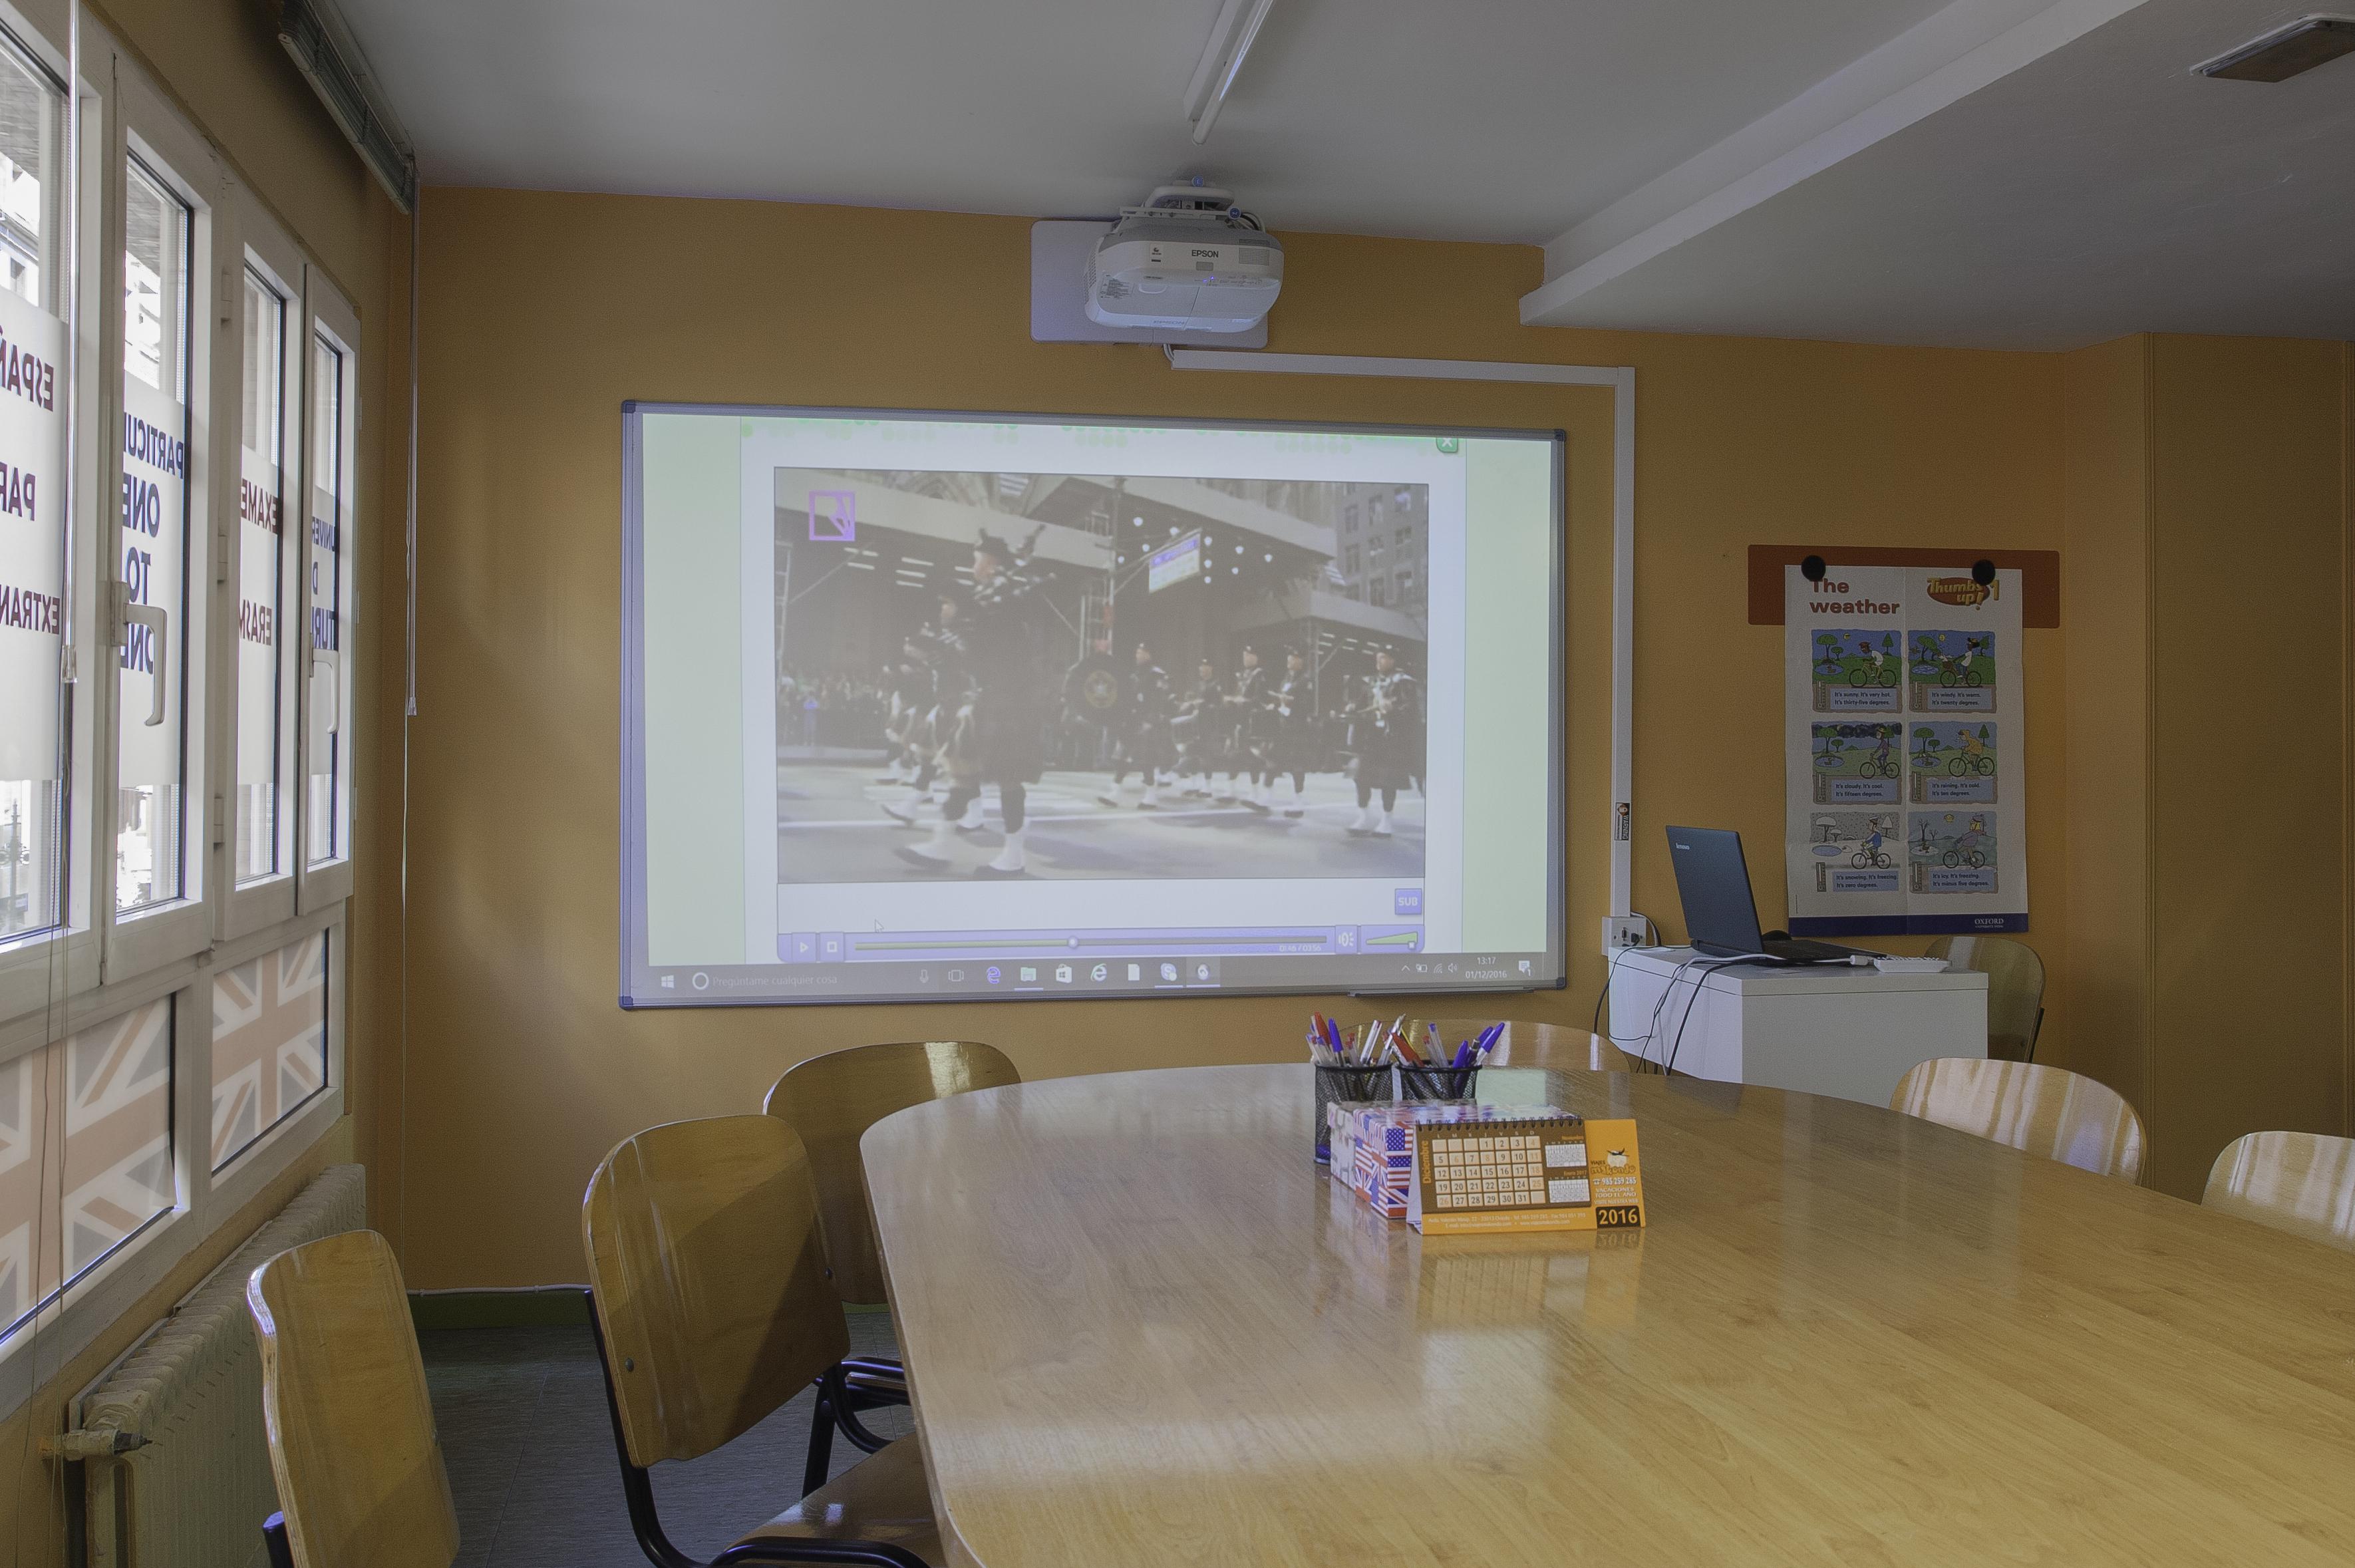 Foto 1 de Academias de idiomas en Oviedo | Hello! Centro de Inglés